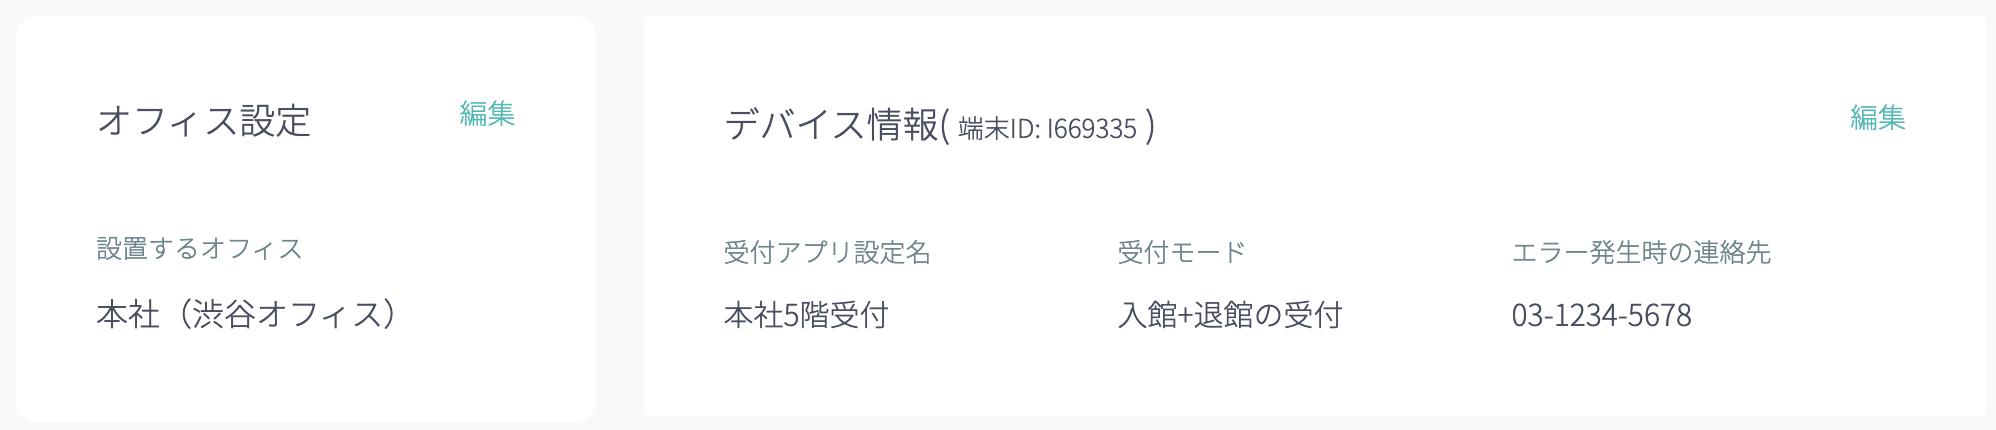 device01_ep